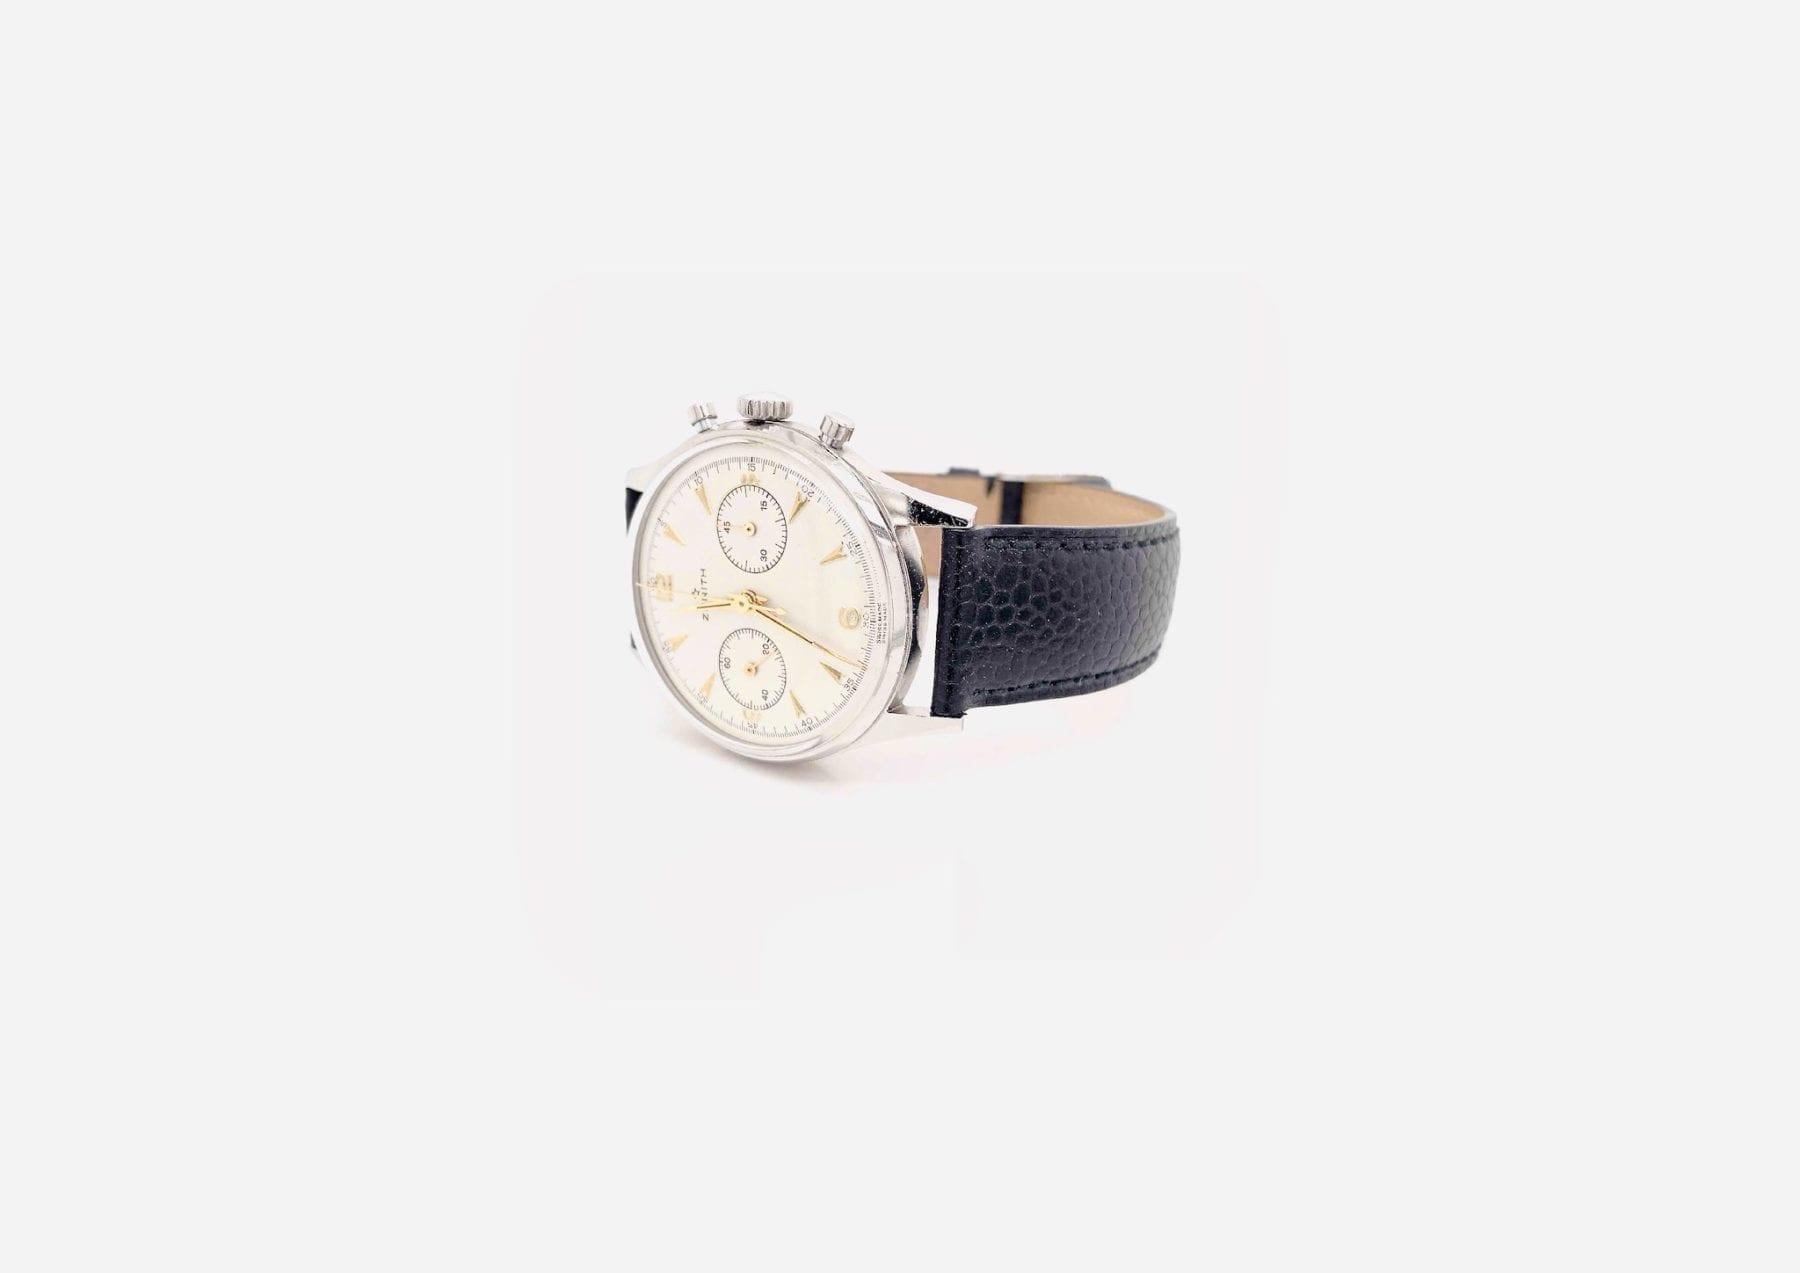 Montre Zenith Cal.136 chrono bracelet cuir